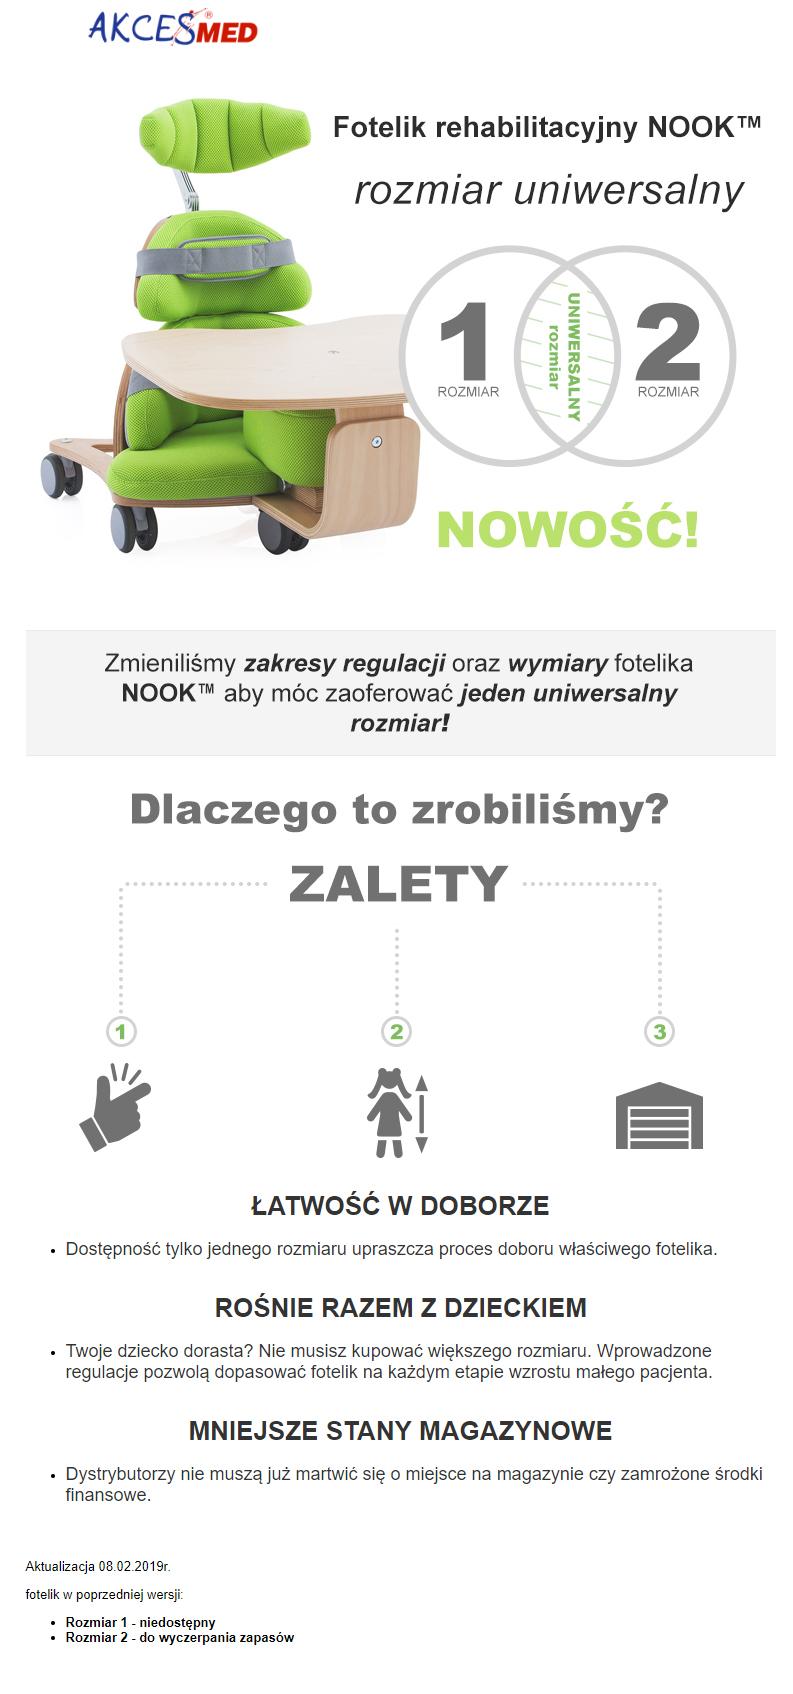 nookPL